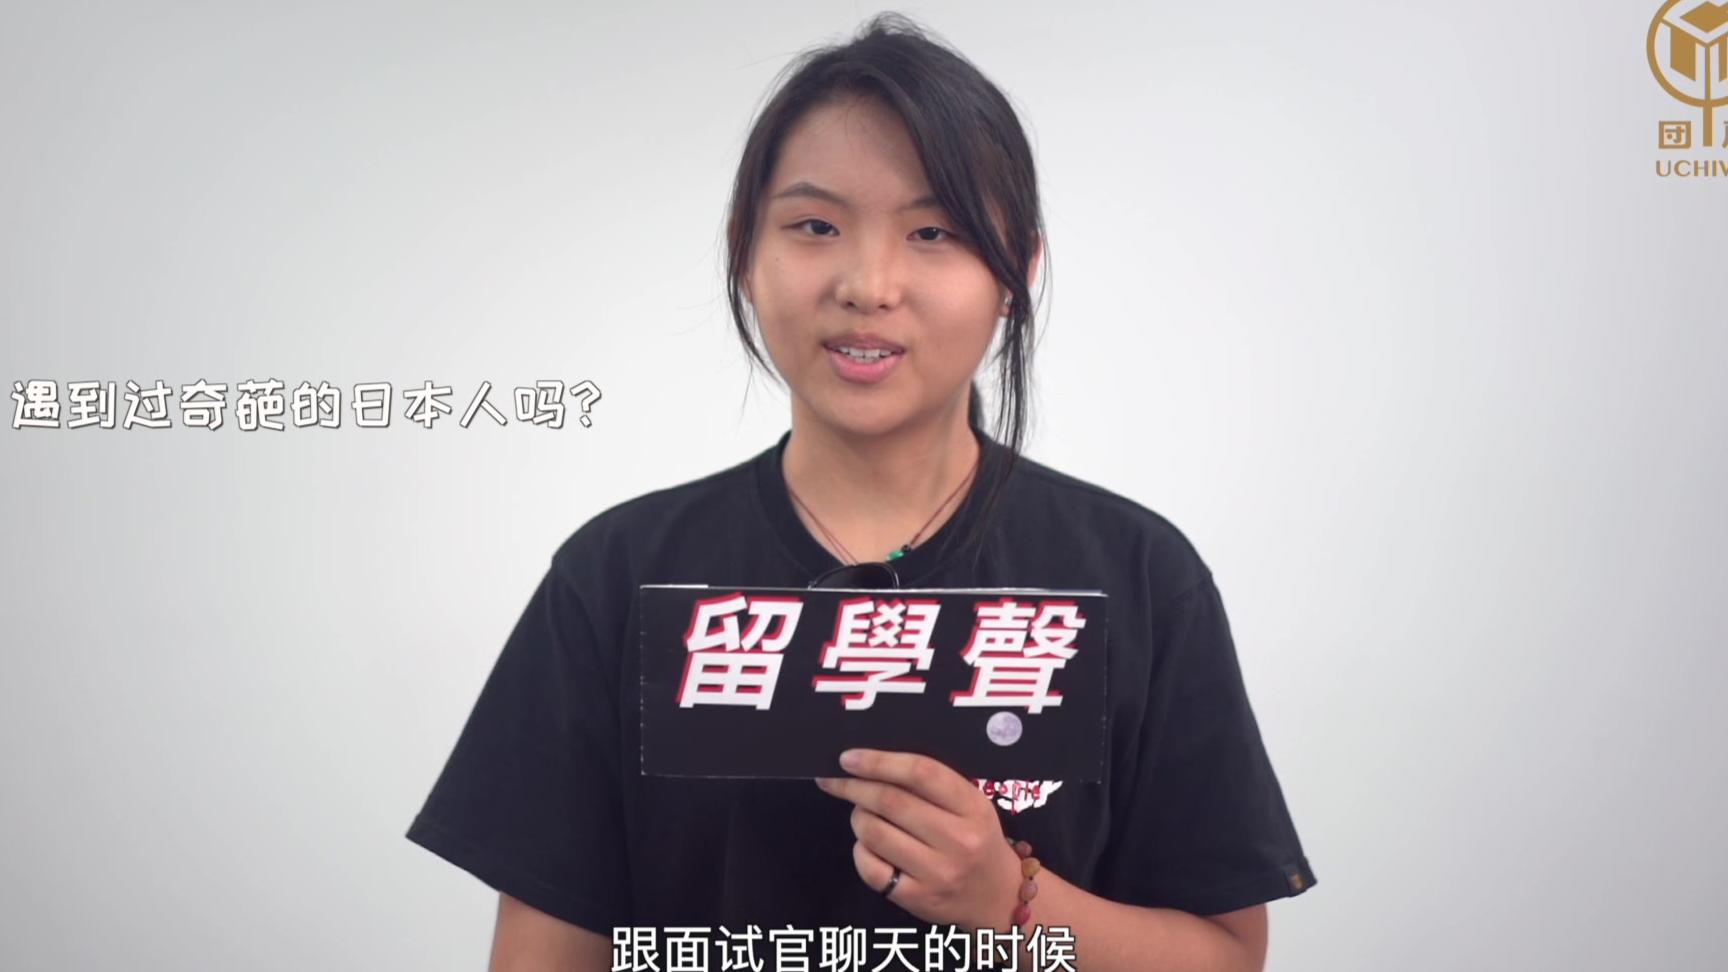 【团扇UCHIWA留学声】你有没有遇到过奇葩的日本人?留学生:太多了!